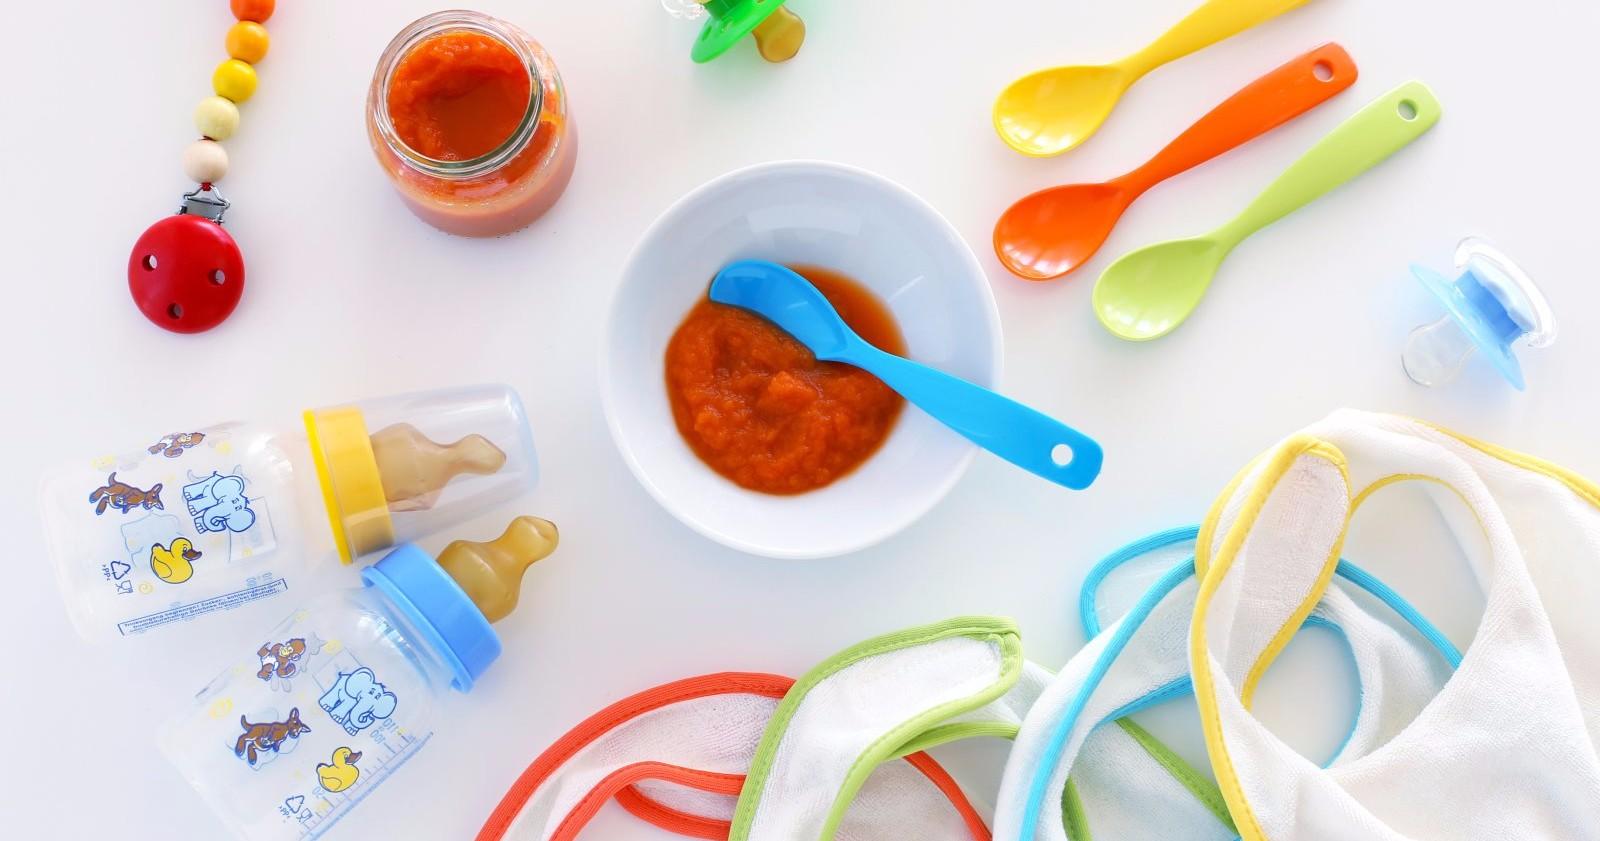 Детская посуда: какая нужна и из каких материалов изготавливается? какую посуду нужно купить для ребенка в первую очередь